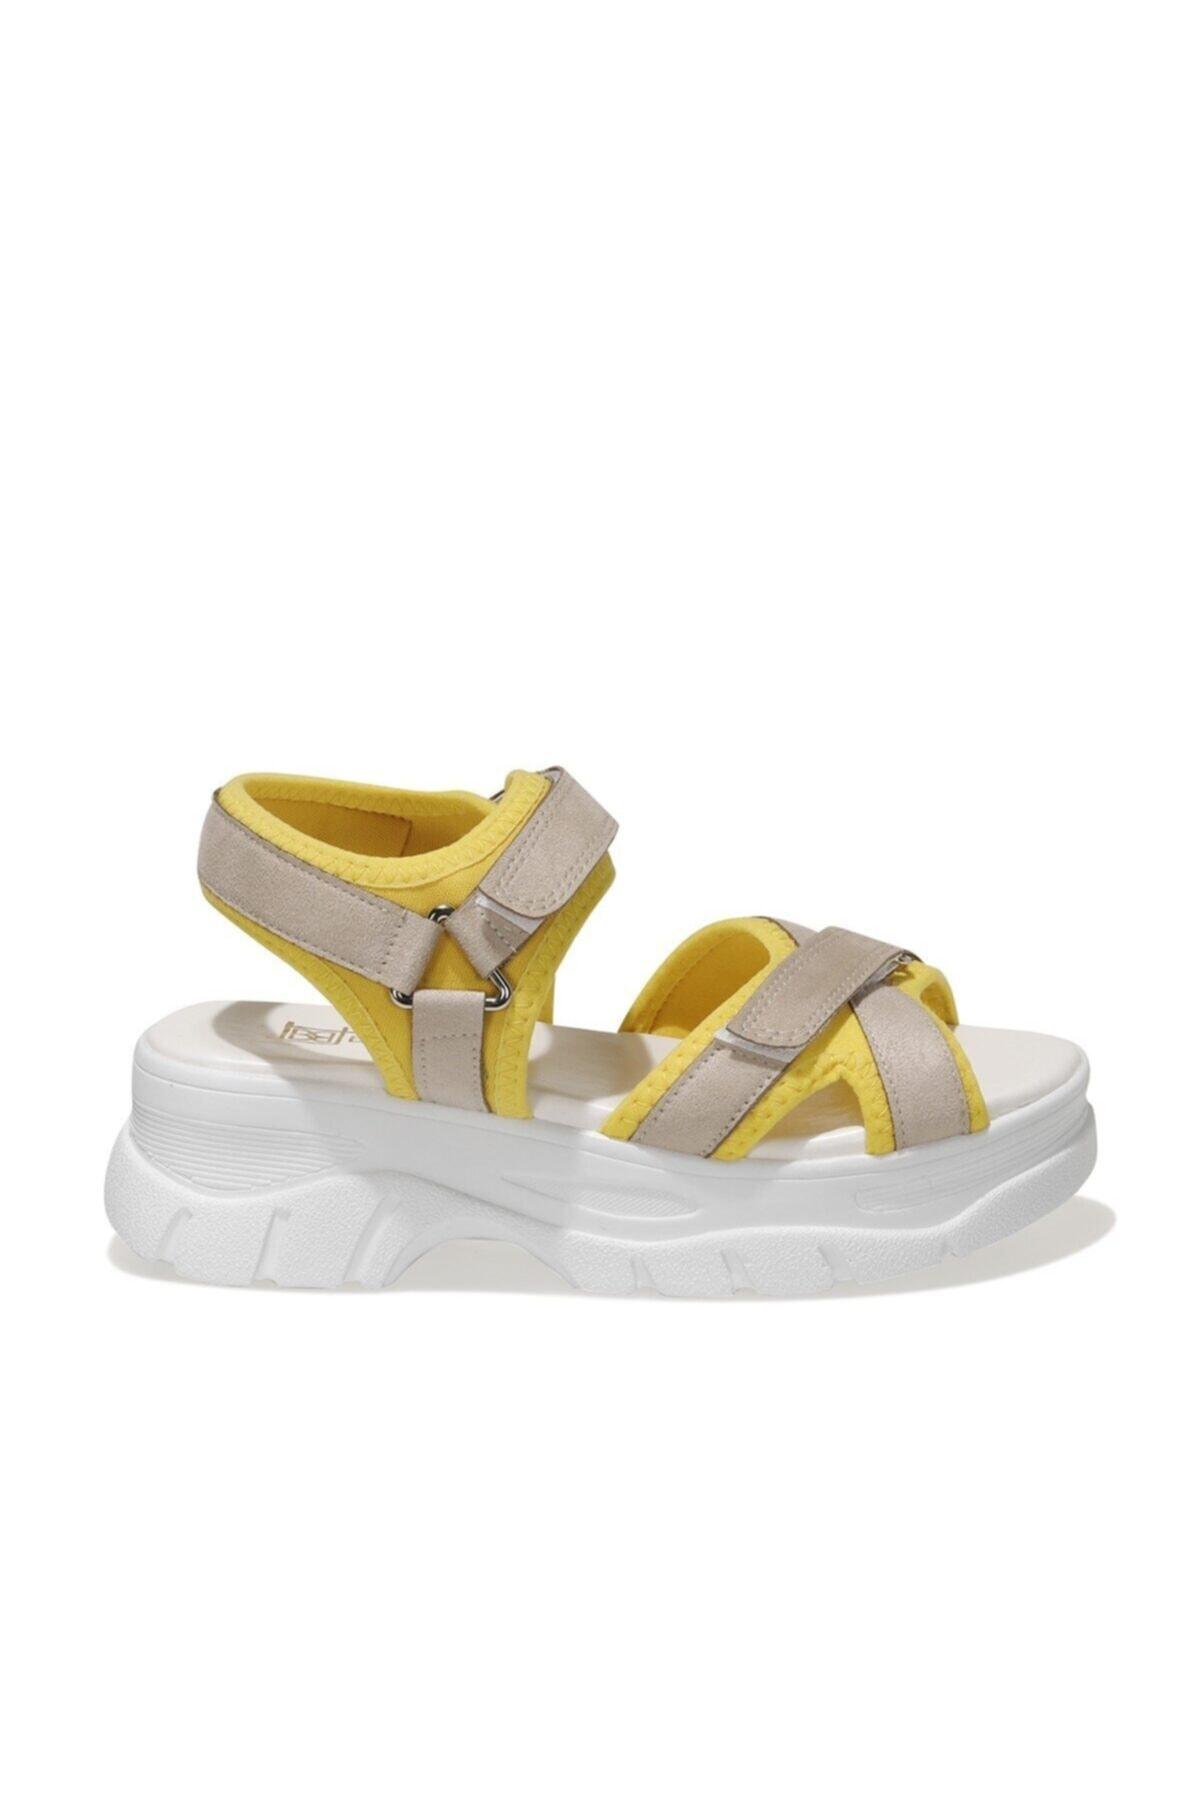 20S-6001FX Bej Kadın Spor Sandalet 101014225